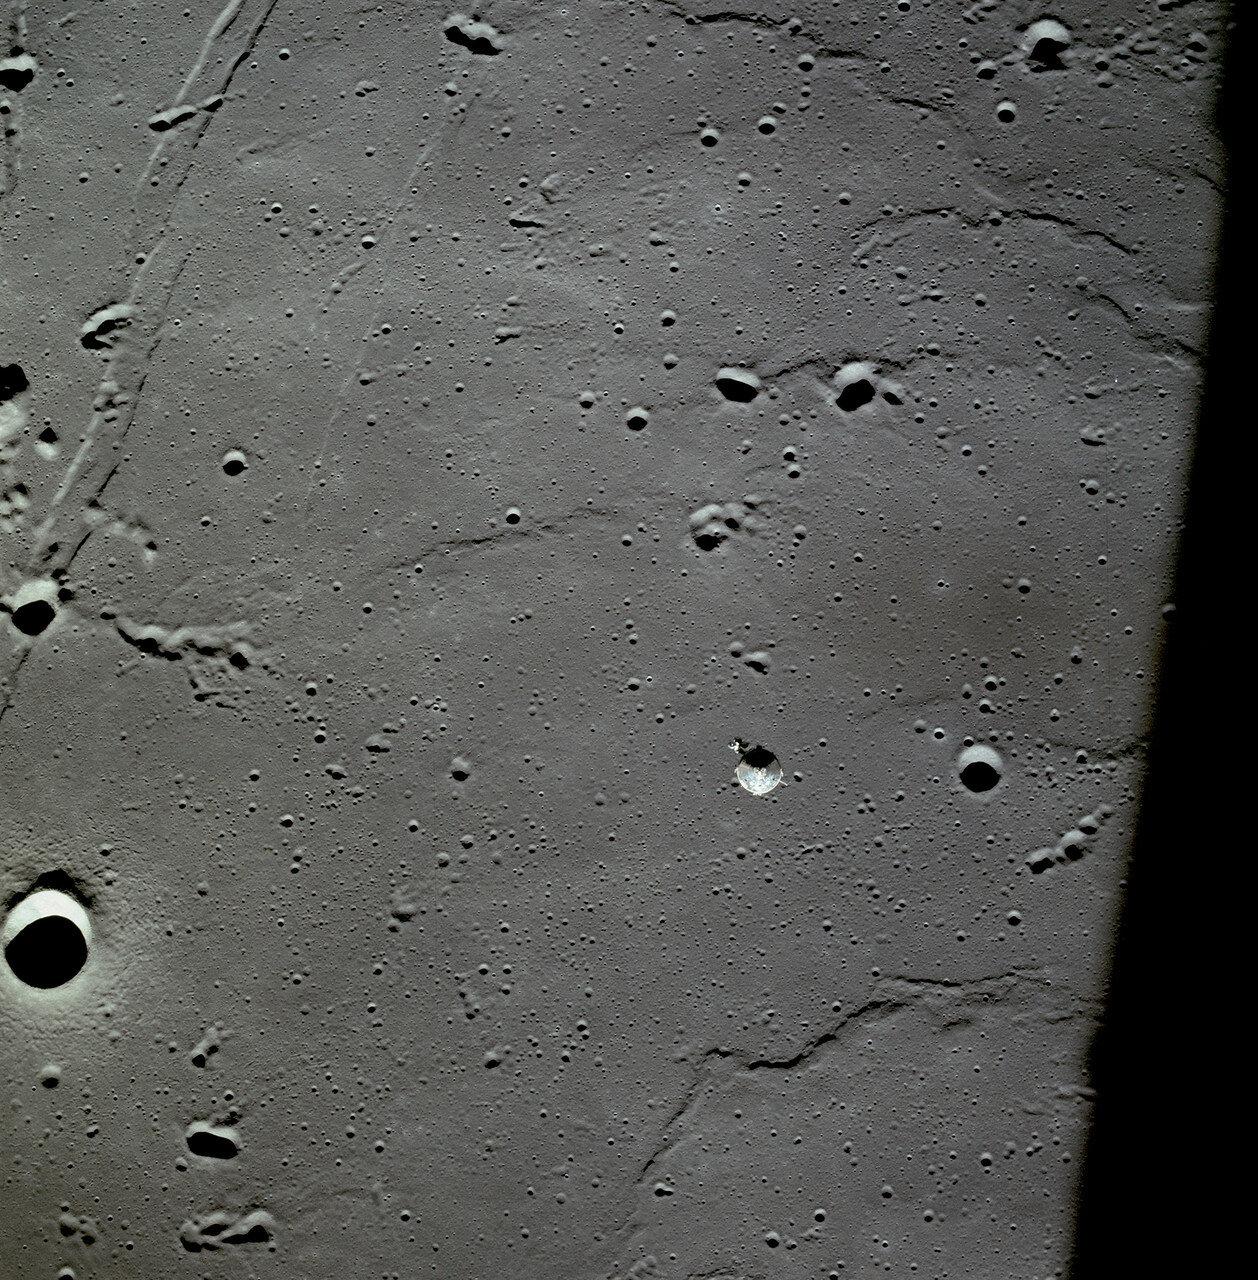 В конце 13-го витка, над обратной стороной Луны, на 29,8 секунды был включён двигатель посадочной ступени лунного модуля, «Орёл» перешёл на орбиту снижения с апоселением 105,9 км и периселением 15,7 км